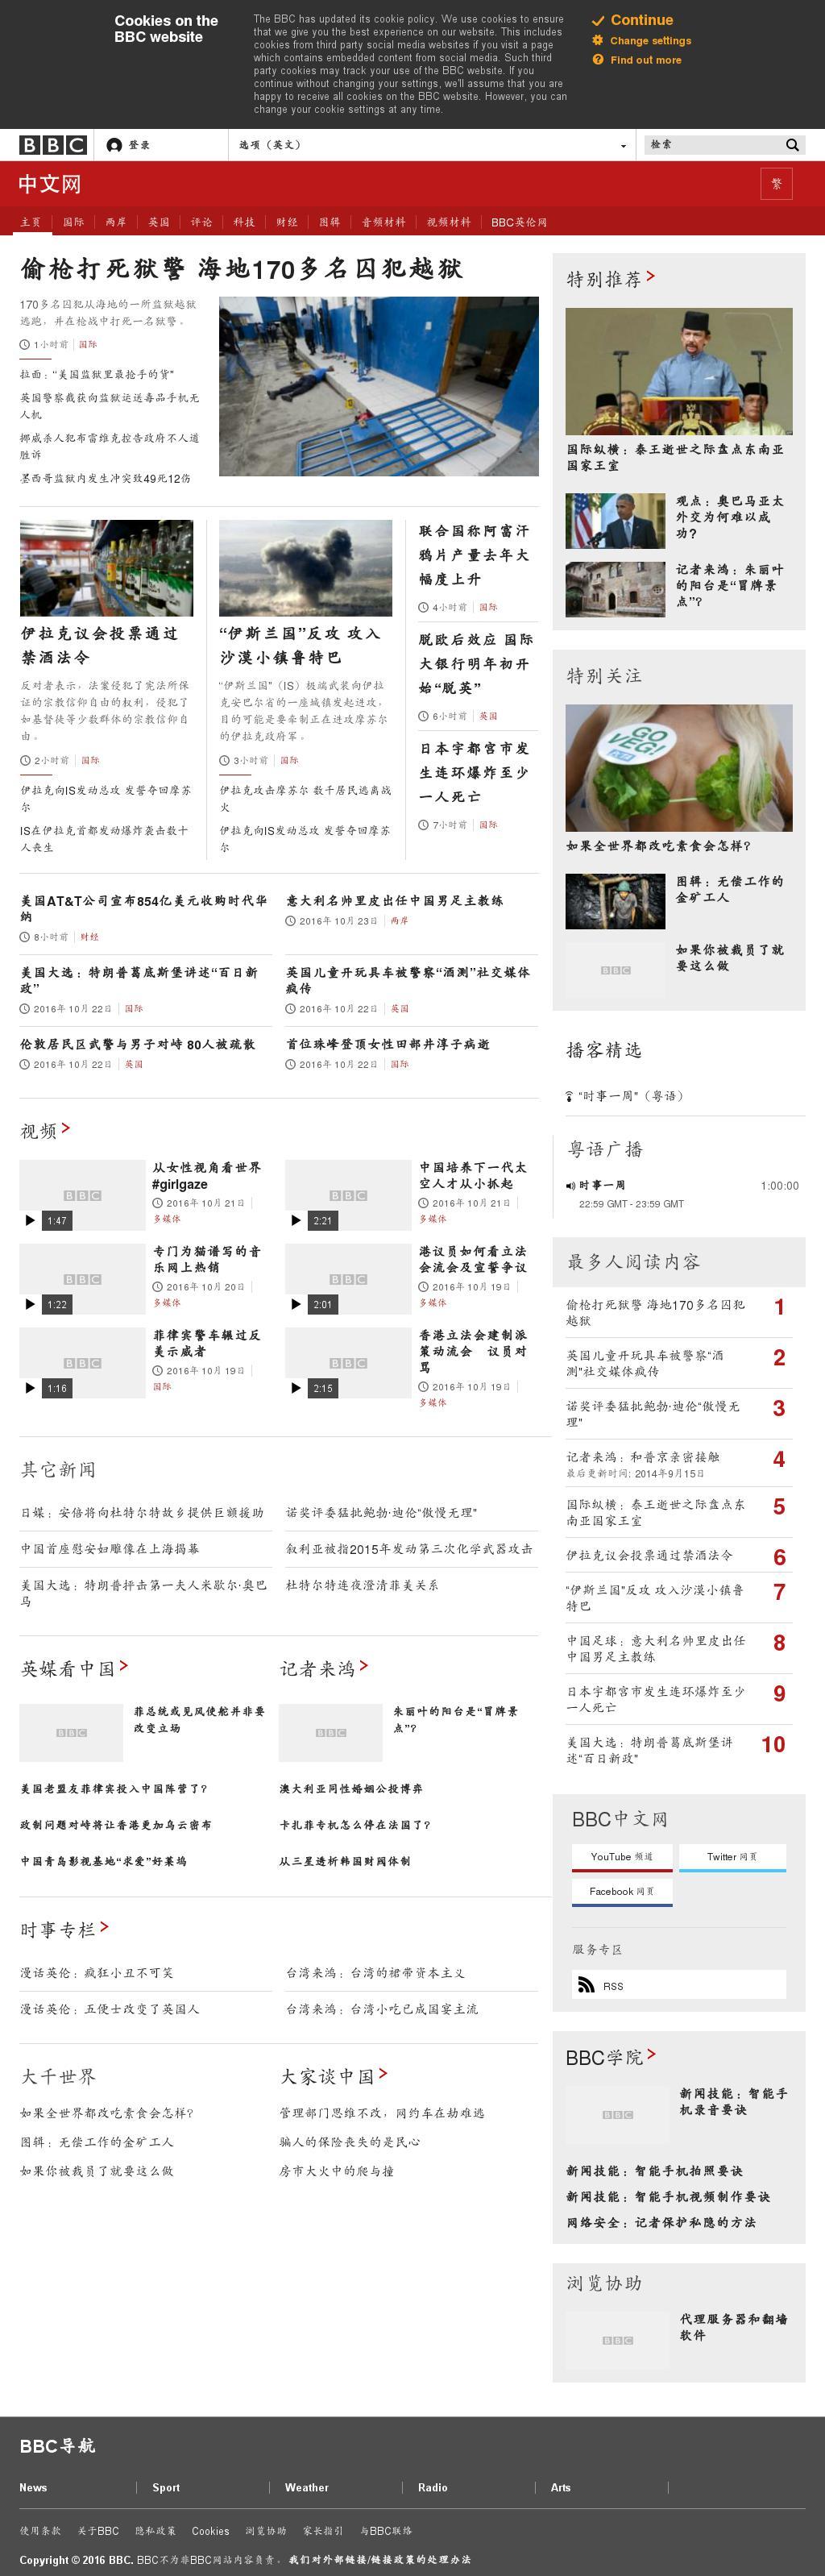 BBC (Chinese) at Sunday Oct. 23, 2016, 5 p.m. UTC